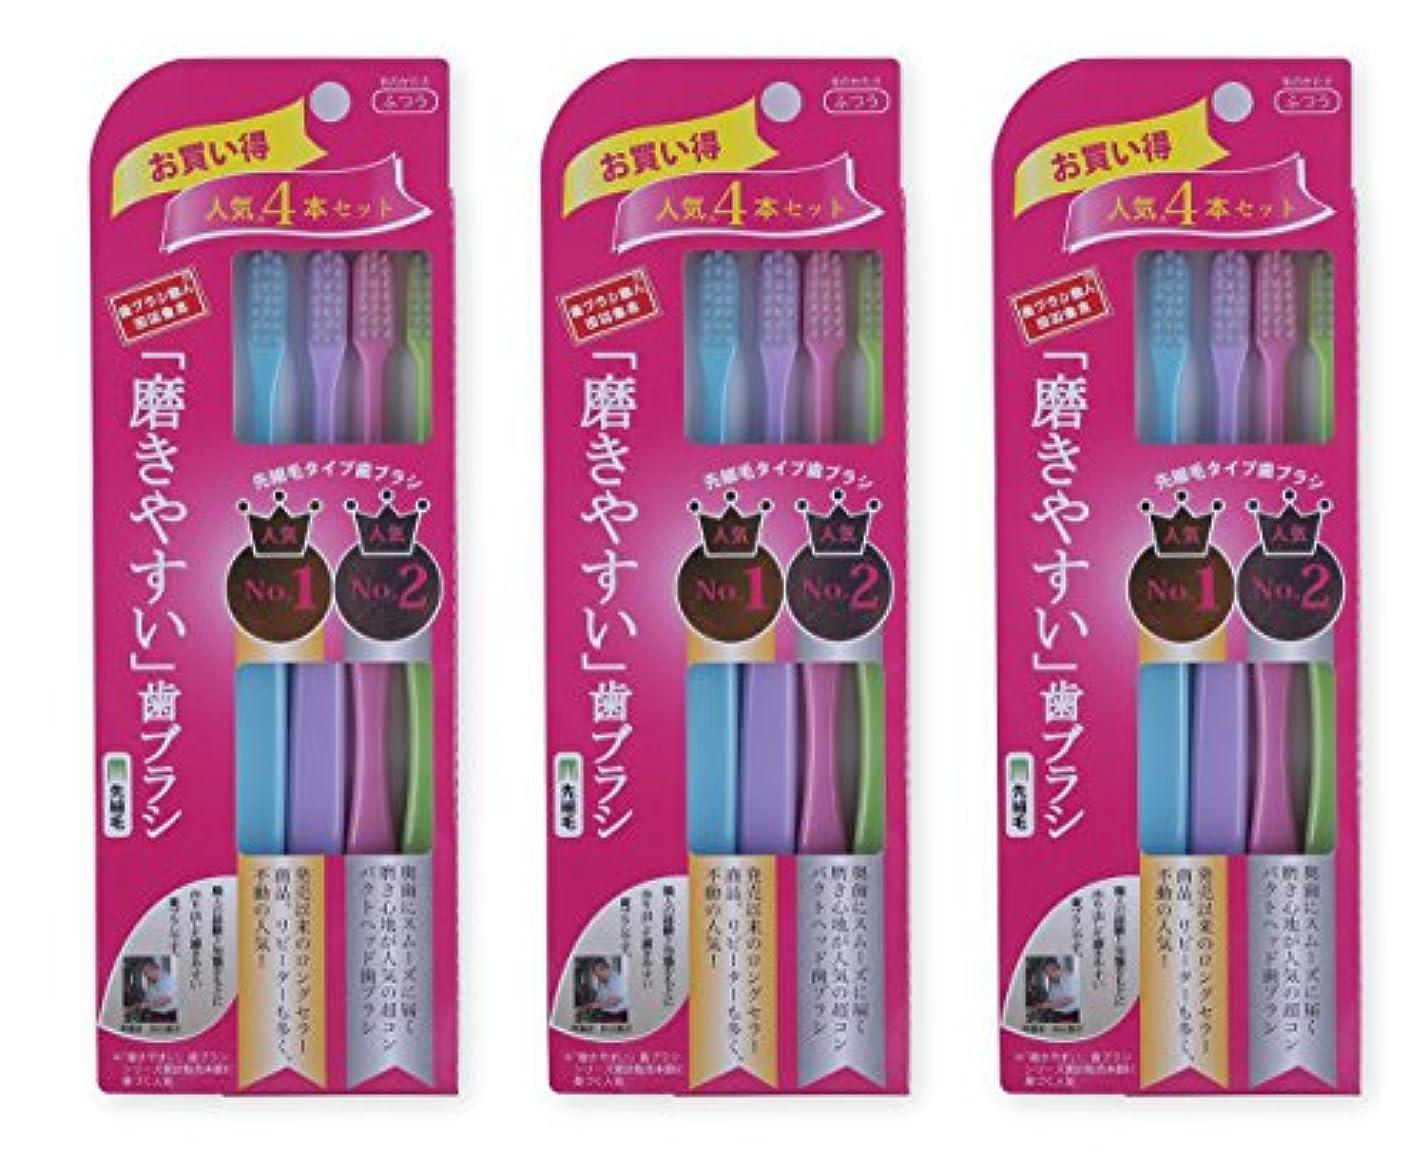 にに慣れ勉強する歯ブラシ職人® Artooth® 田辺重吉 磨きやすい ライフレンジ 人気NO1NO2セット LT-21(4本入) 3セット 12本